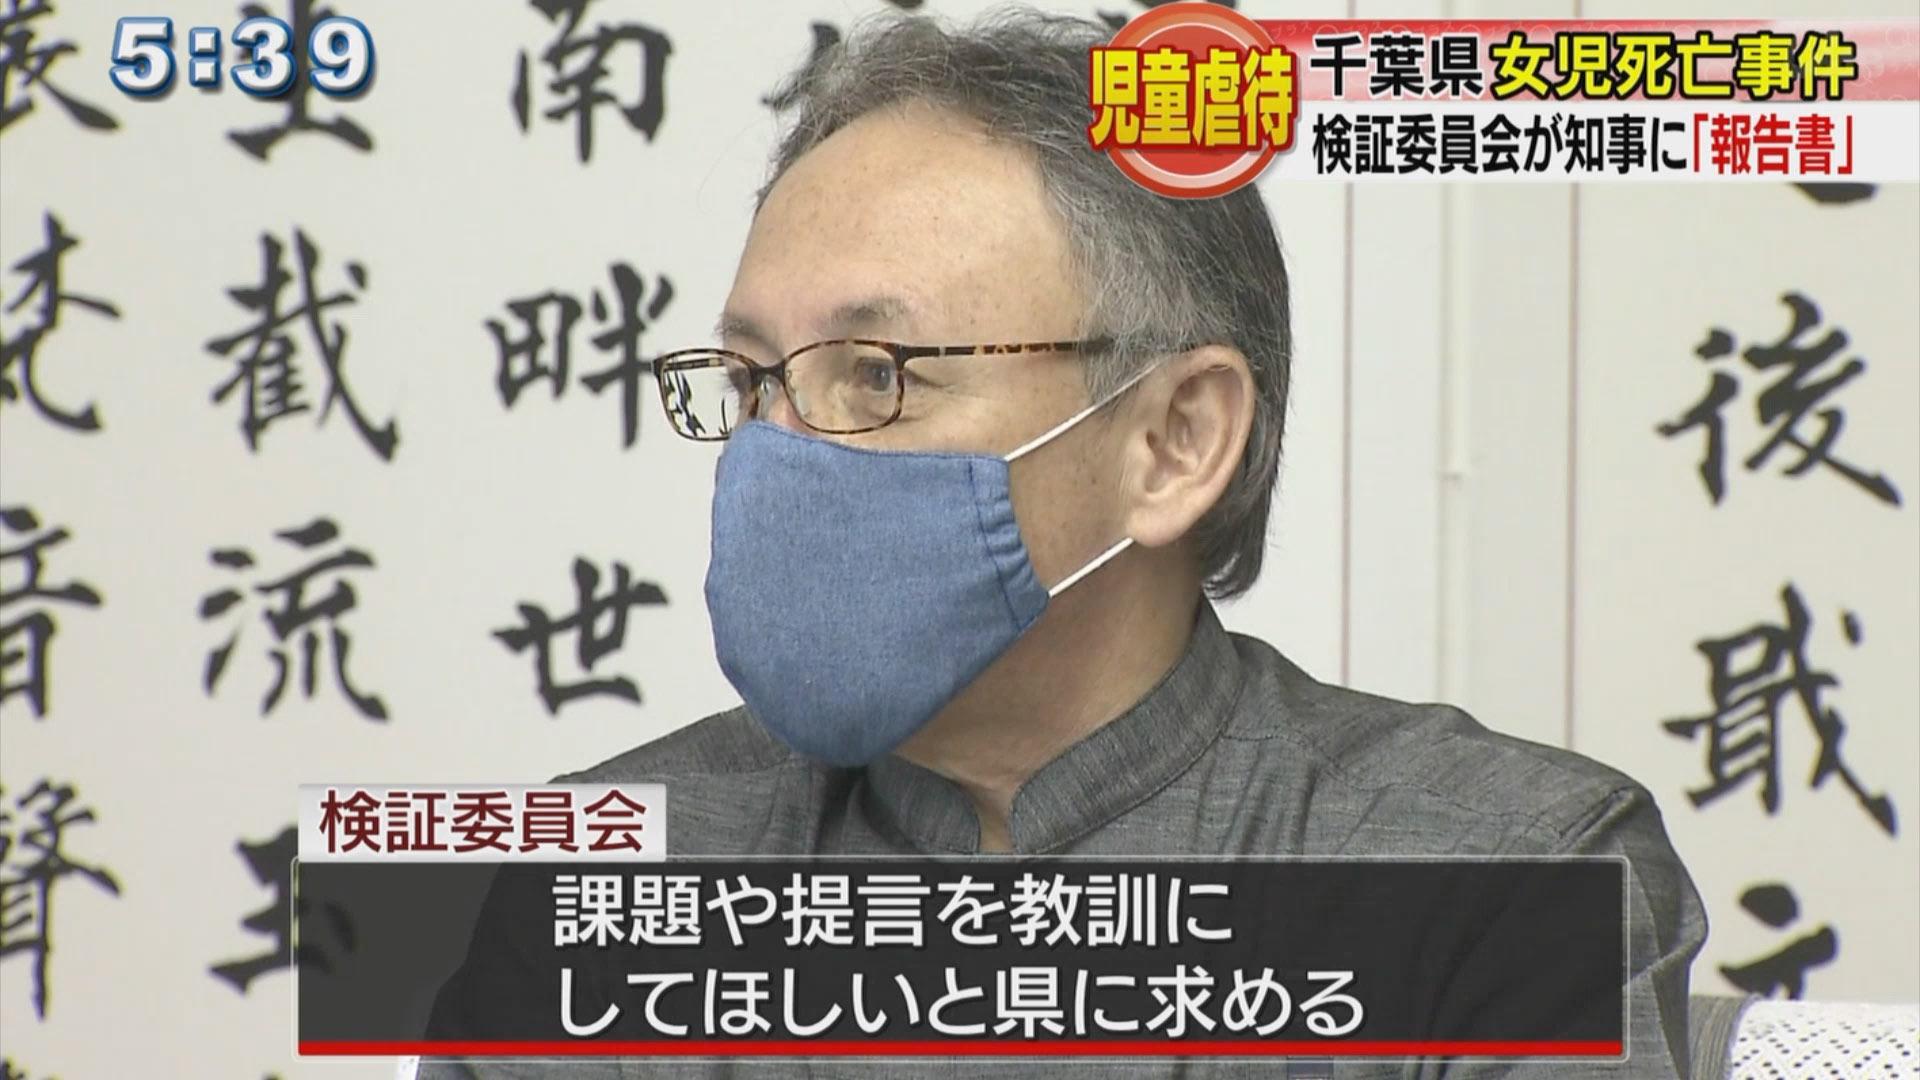 栗原心愛さん虐待死亡事件で検証委員会が報告書